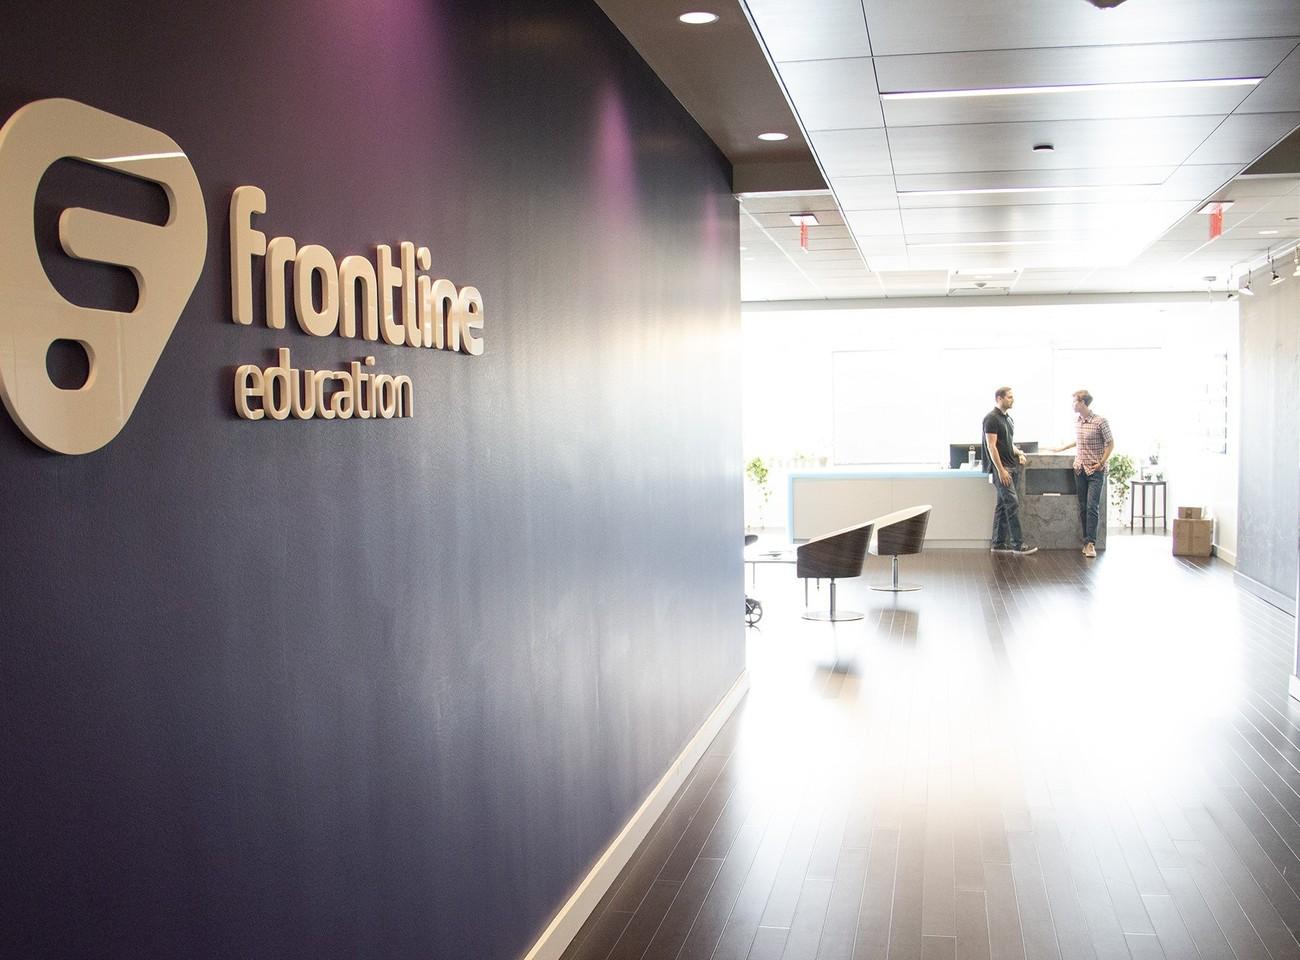 Frontline Education Careers